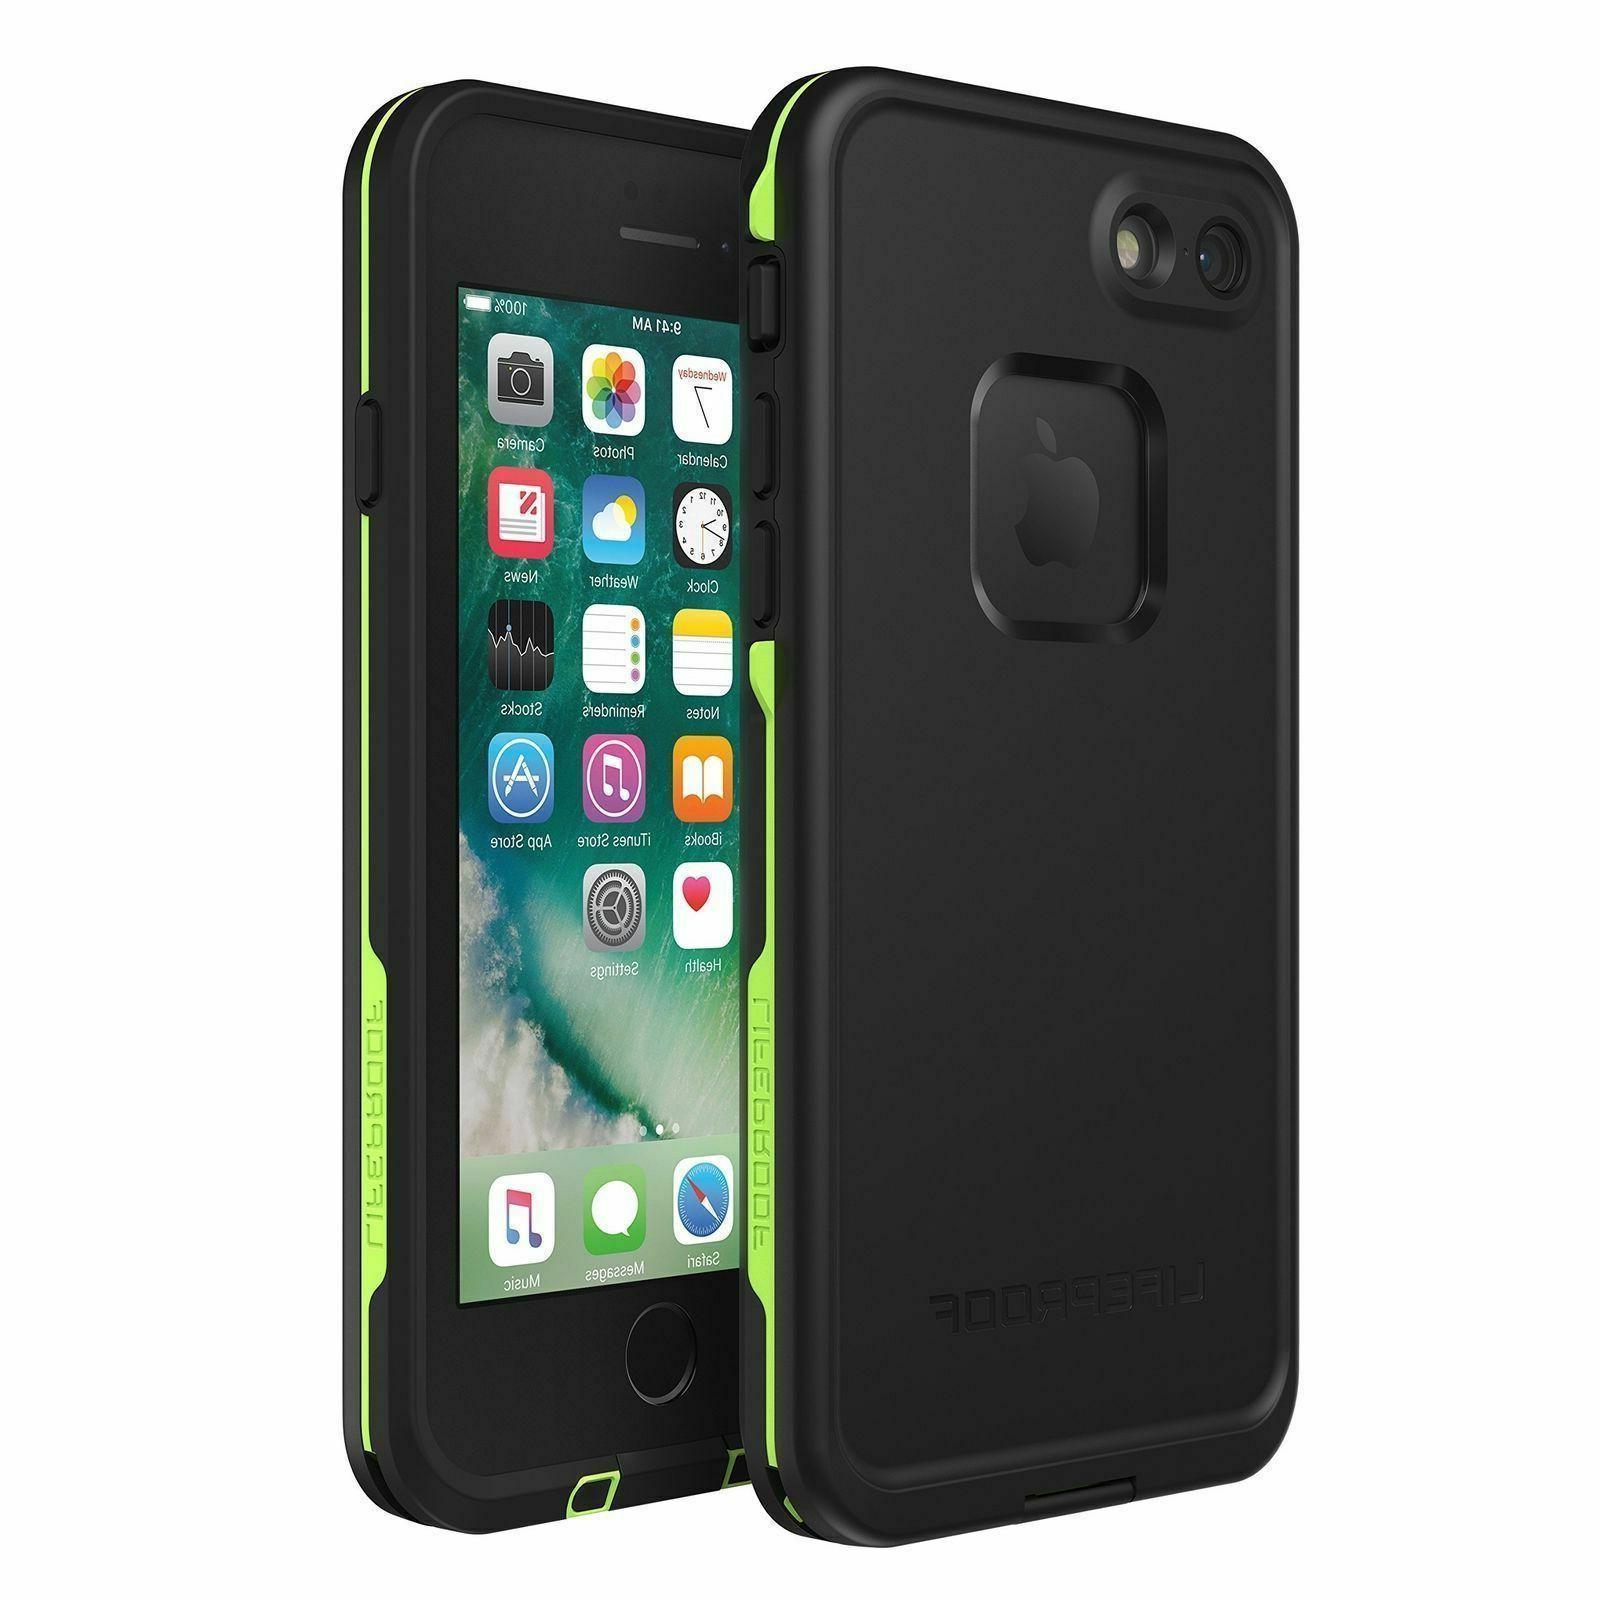 Lifeproof FRĒ SERIES Waterproof Case for iPhone 8 & 7  - Re